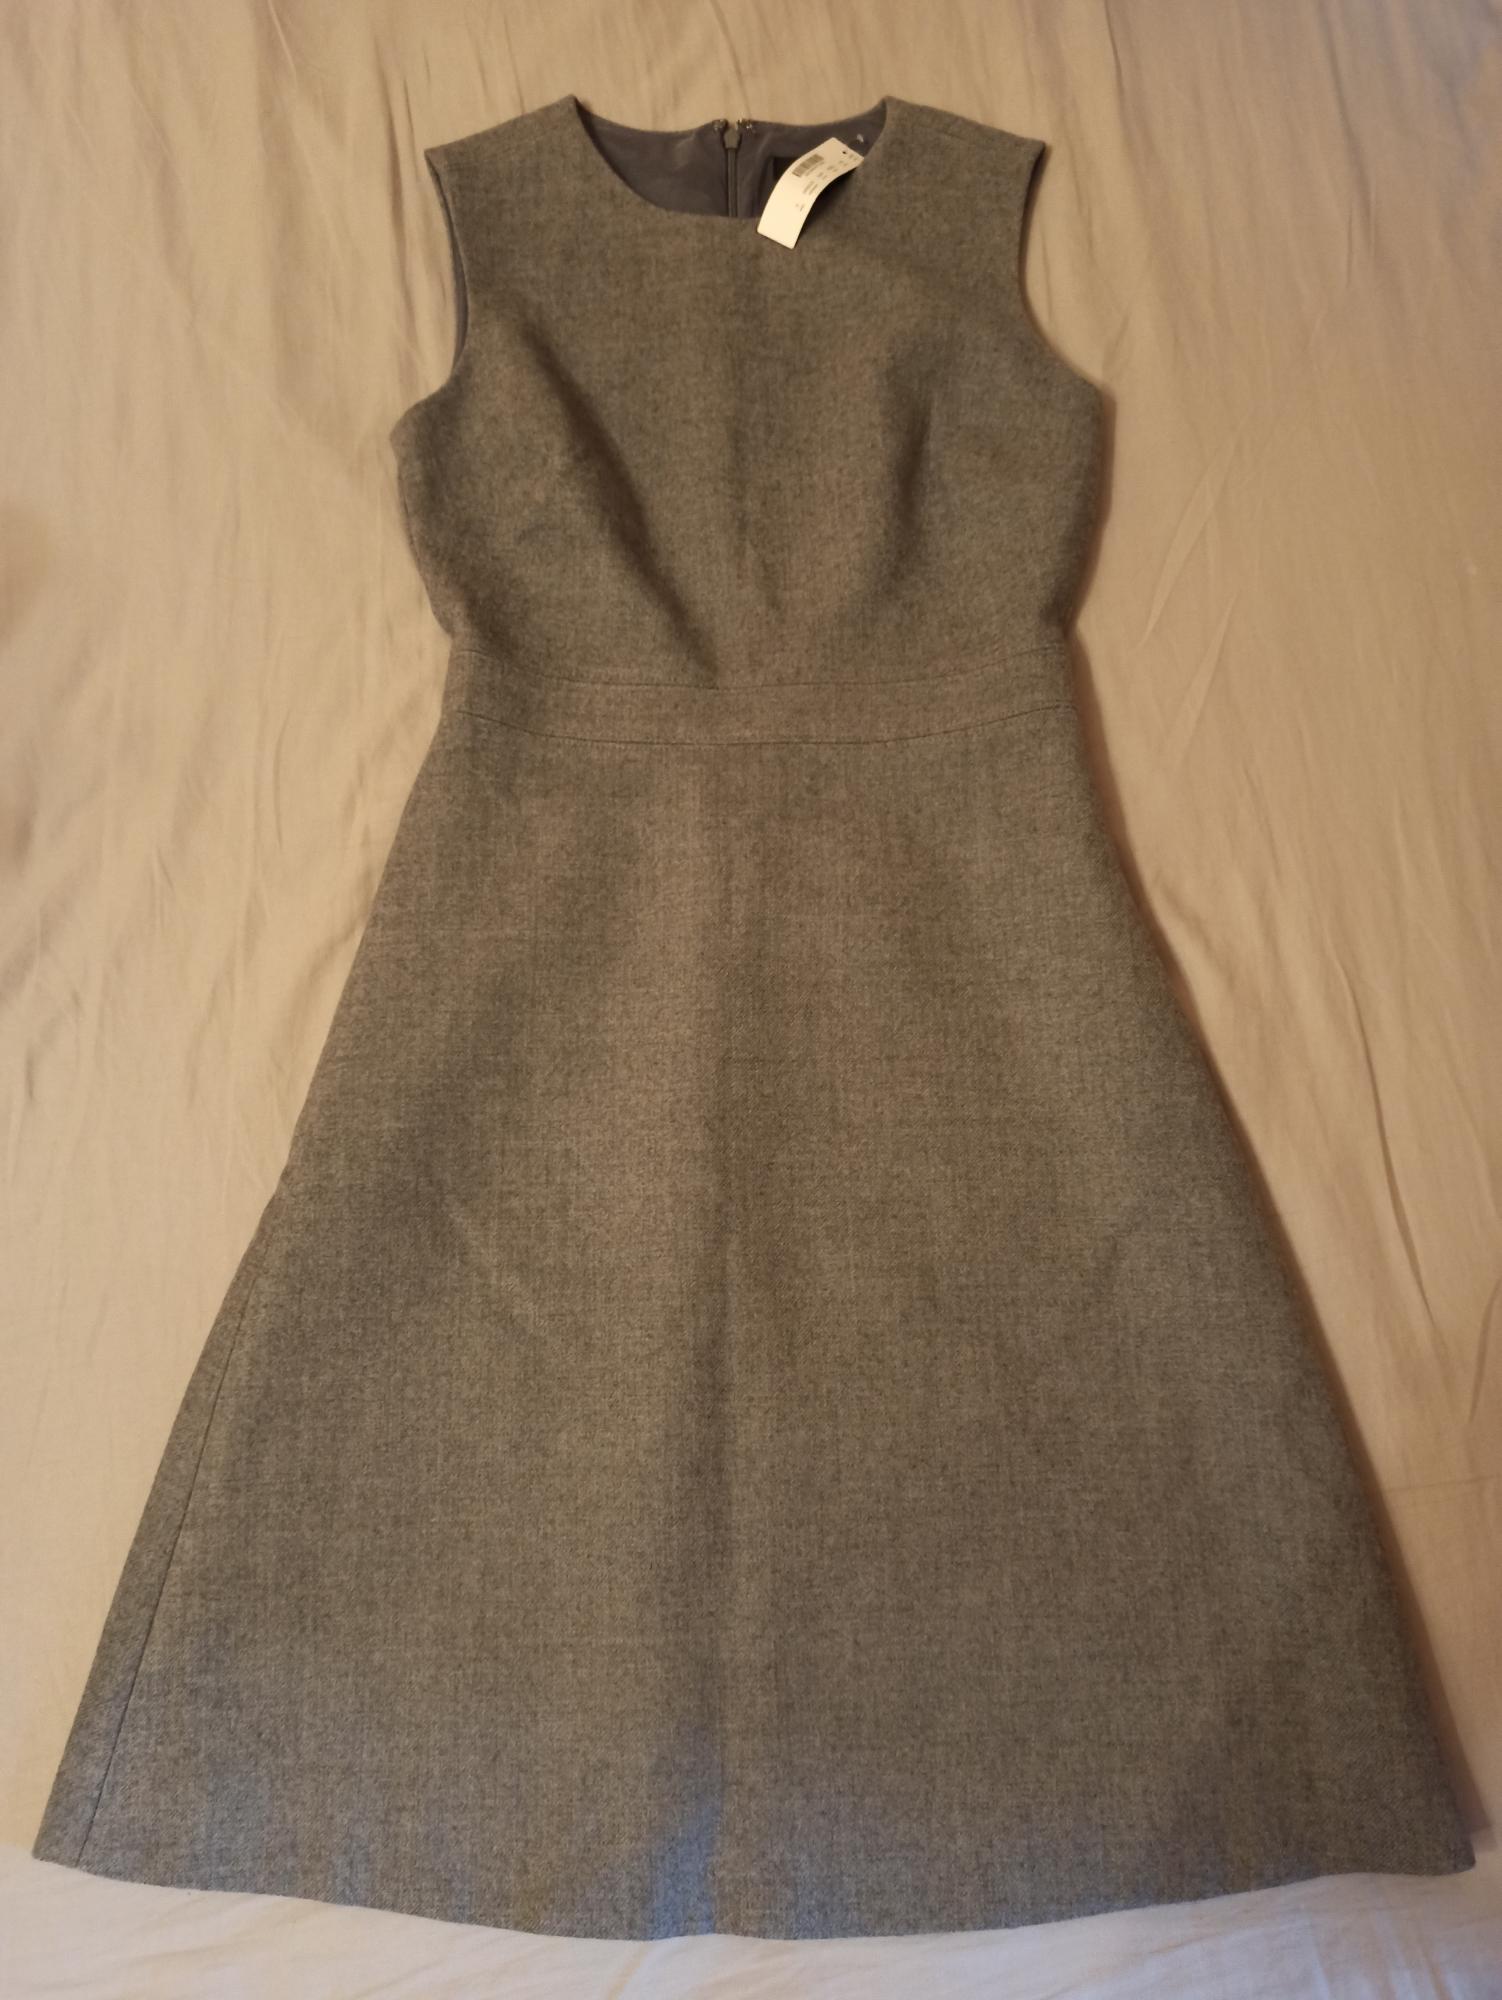 Новое платье J.CREW в Москве 89175381925 купить 1